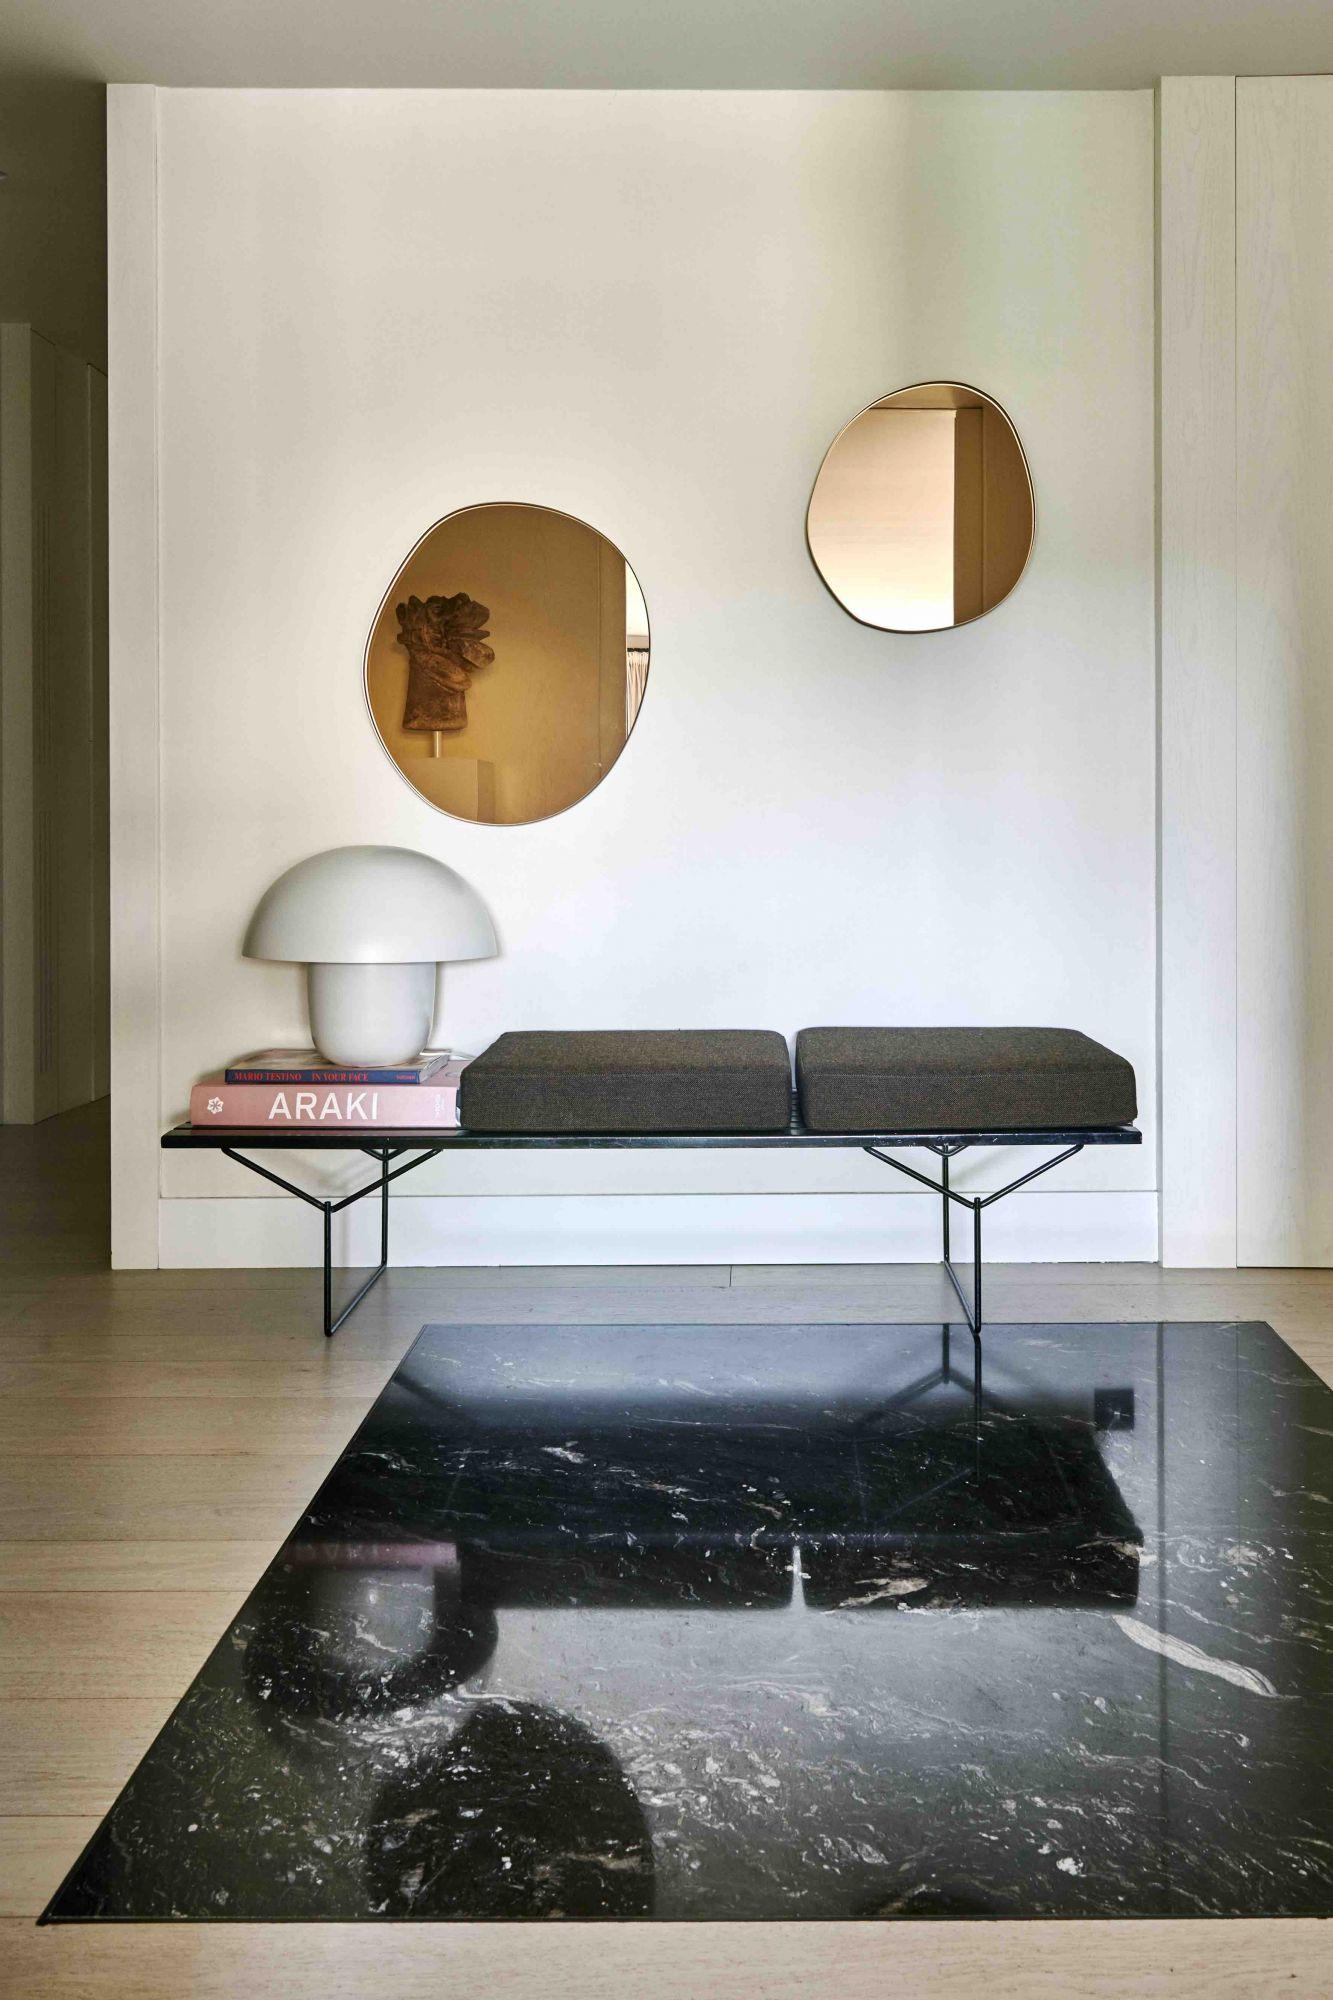 Les miroirs de Sabine Marcelis dans le couloir sont associés à un banc Knoll de Harry Bertoia de 177 Kensington